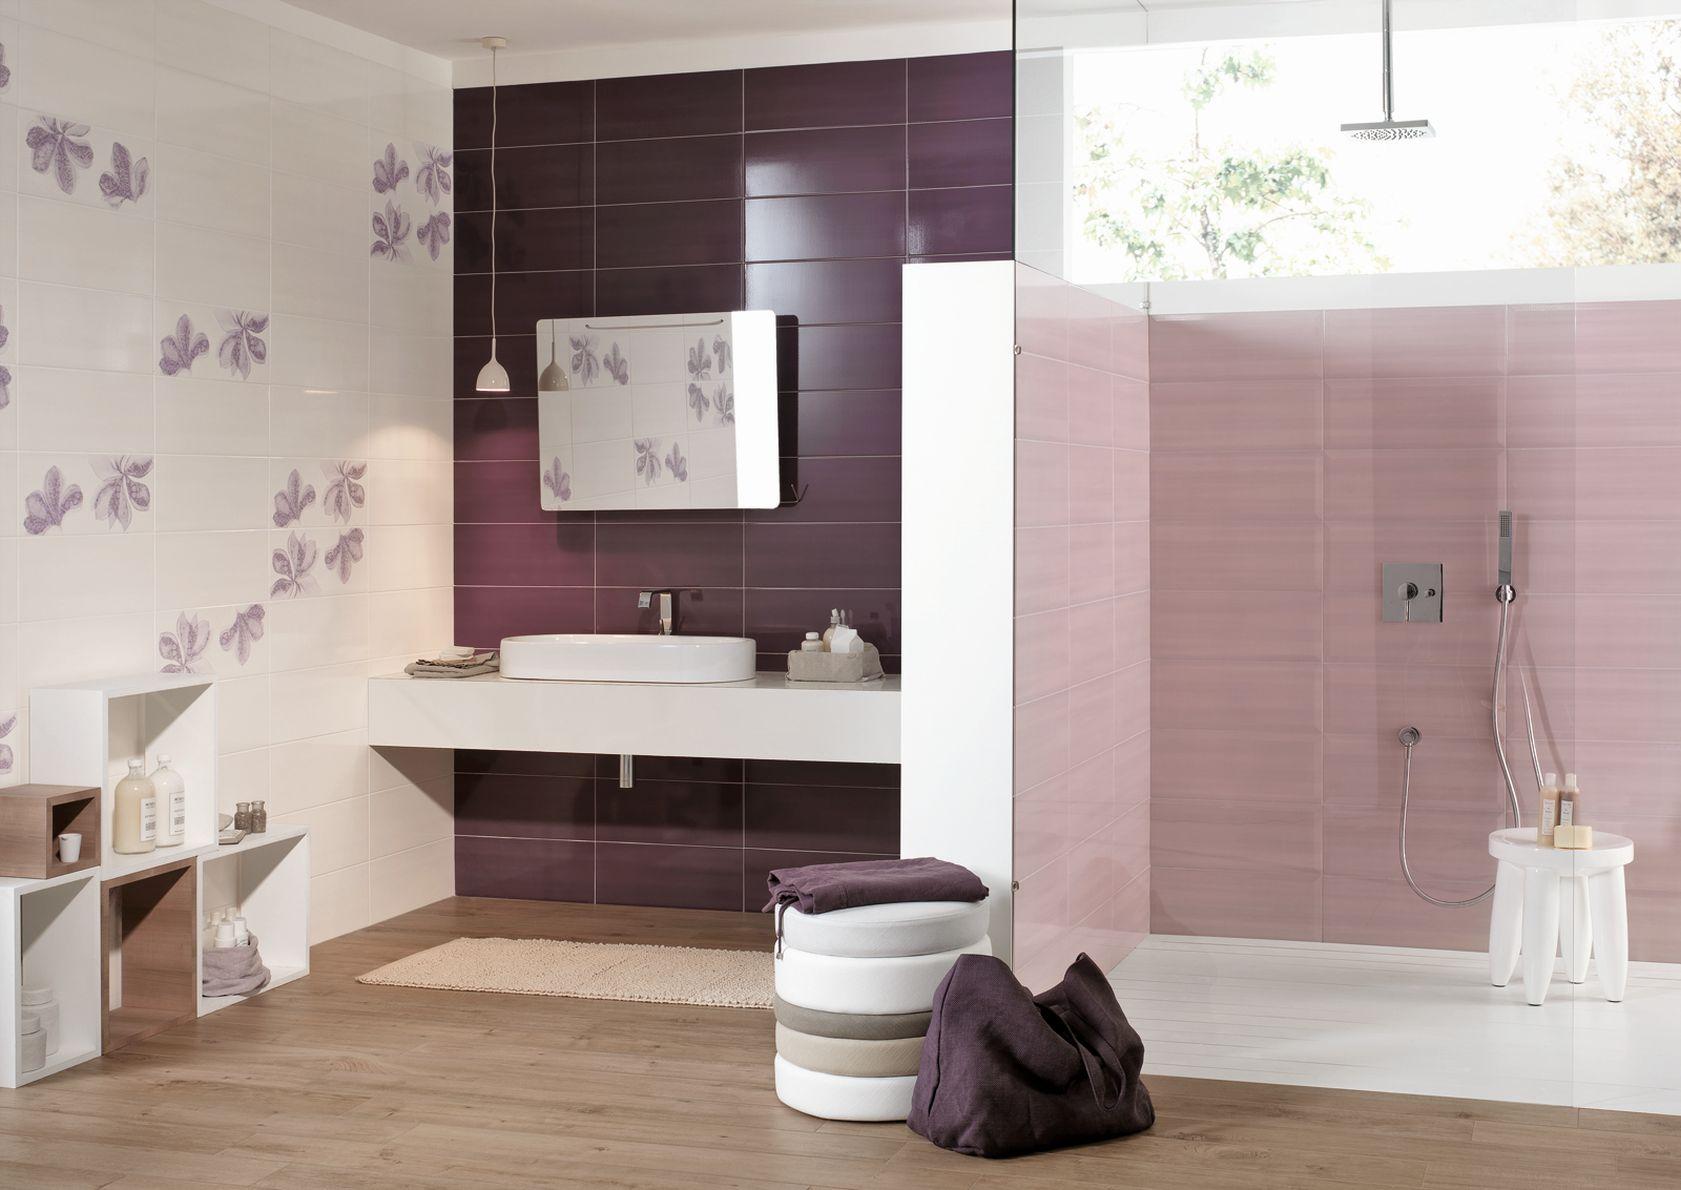 Bagni Colorati Blu : Bagni colorati immagini amazing mobili bagno arte povera mondo